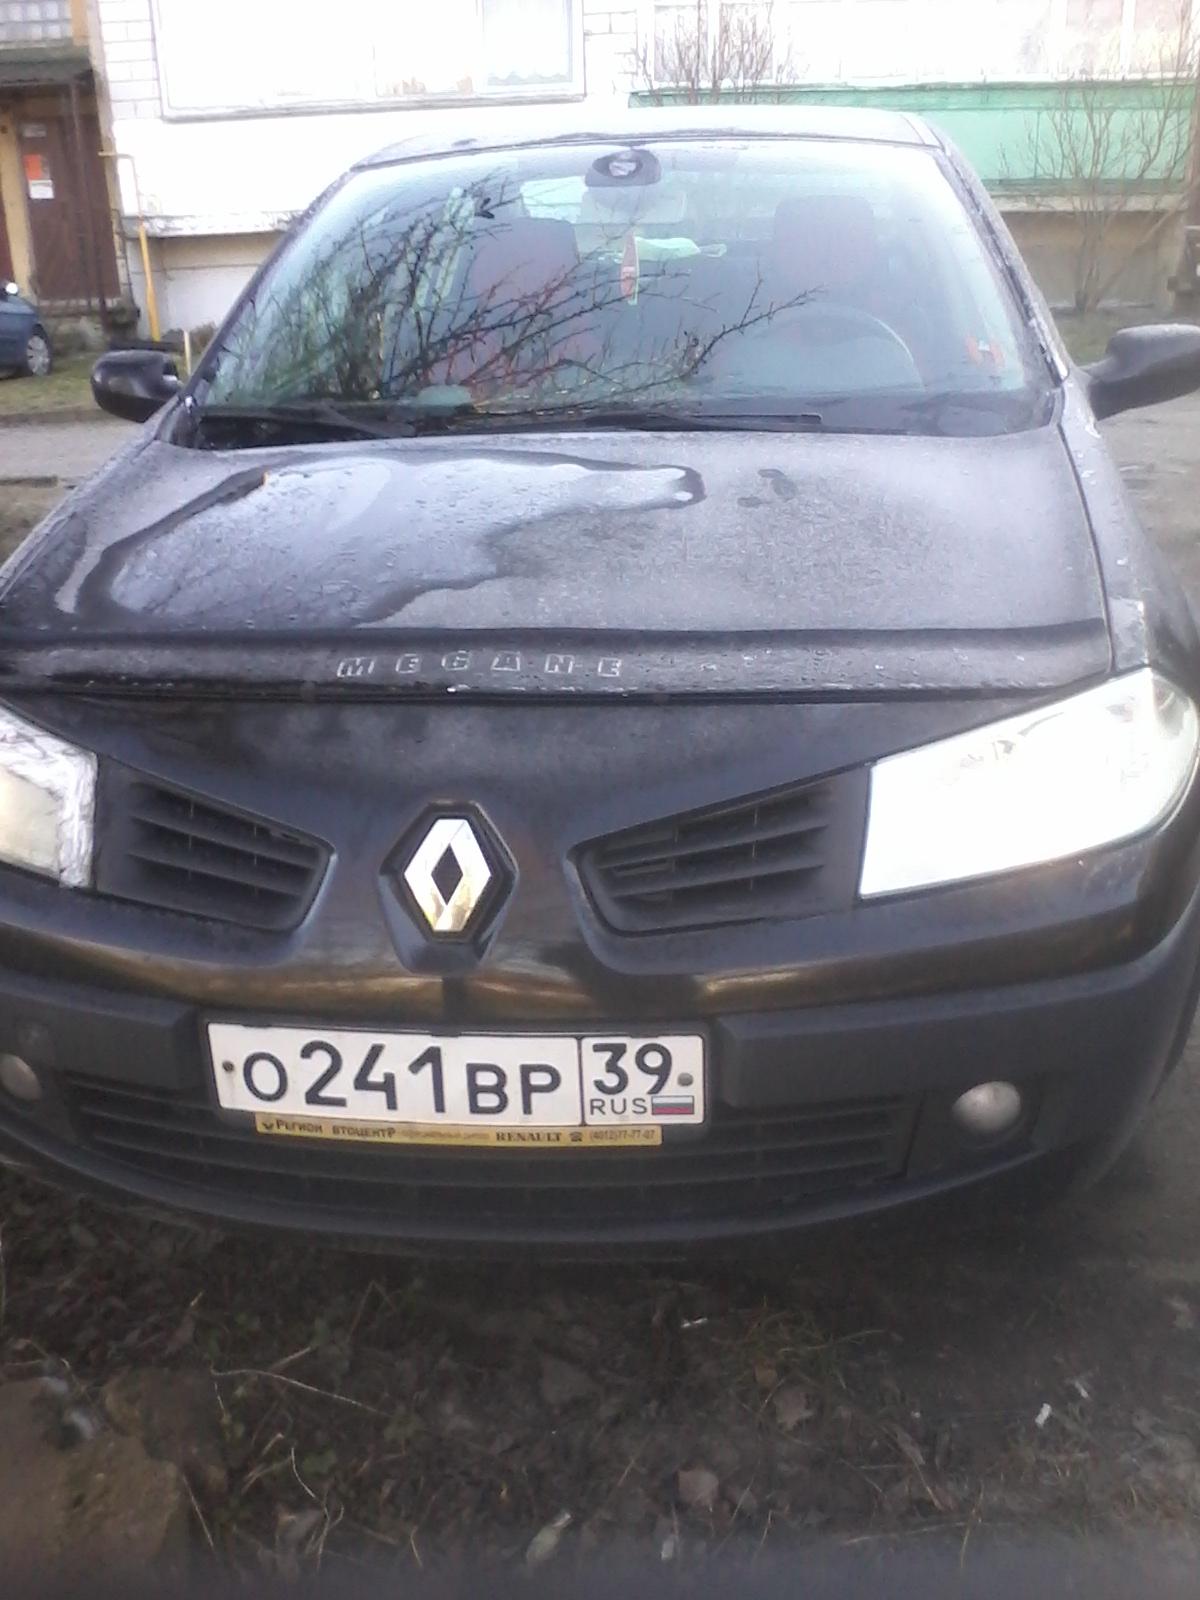 Renault Megane 2007 г.в. г.Нестеров - фото 2